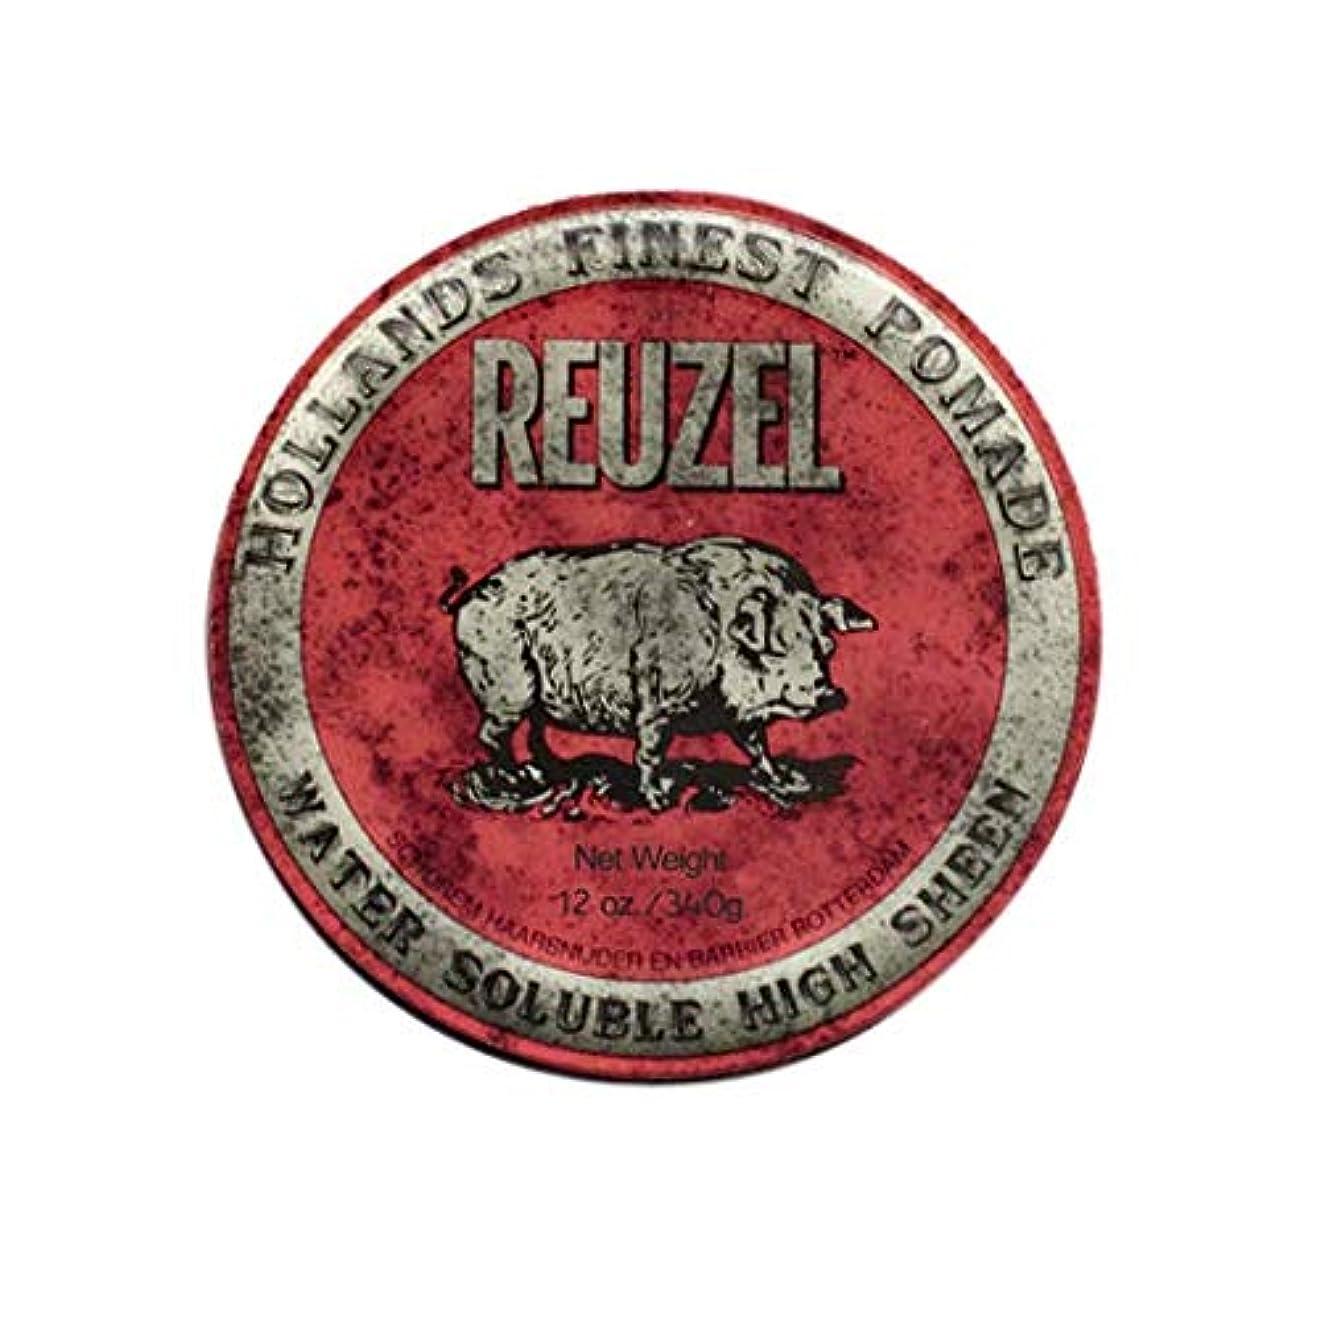 無関心ポータルどんなときもルーゾー(REUZEL) ミディアムホールド レッド HIGH SHINE 340g